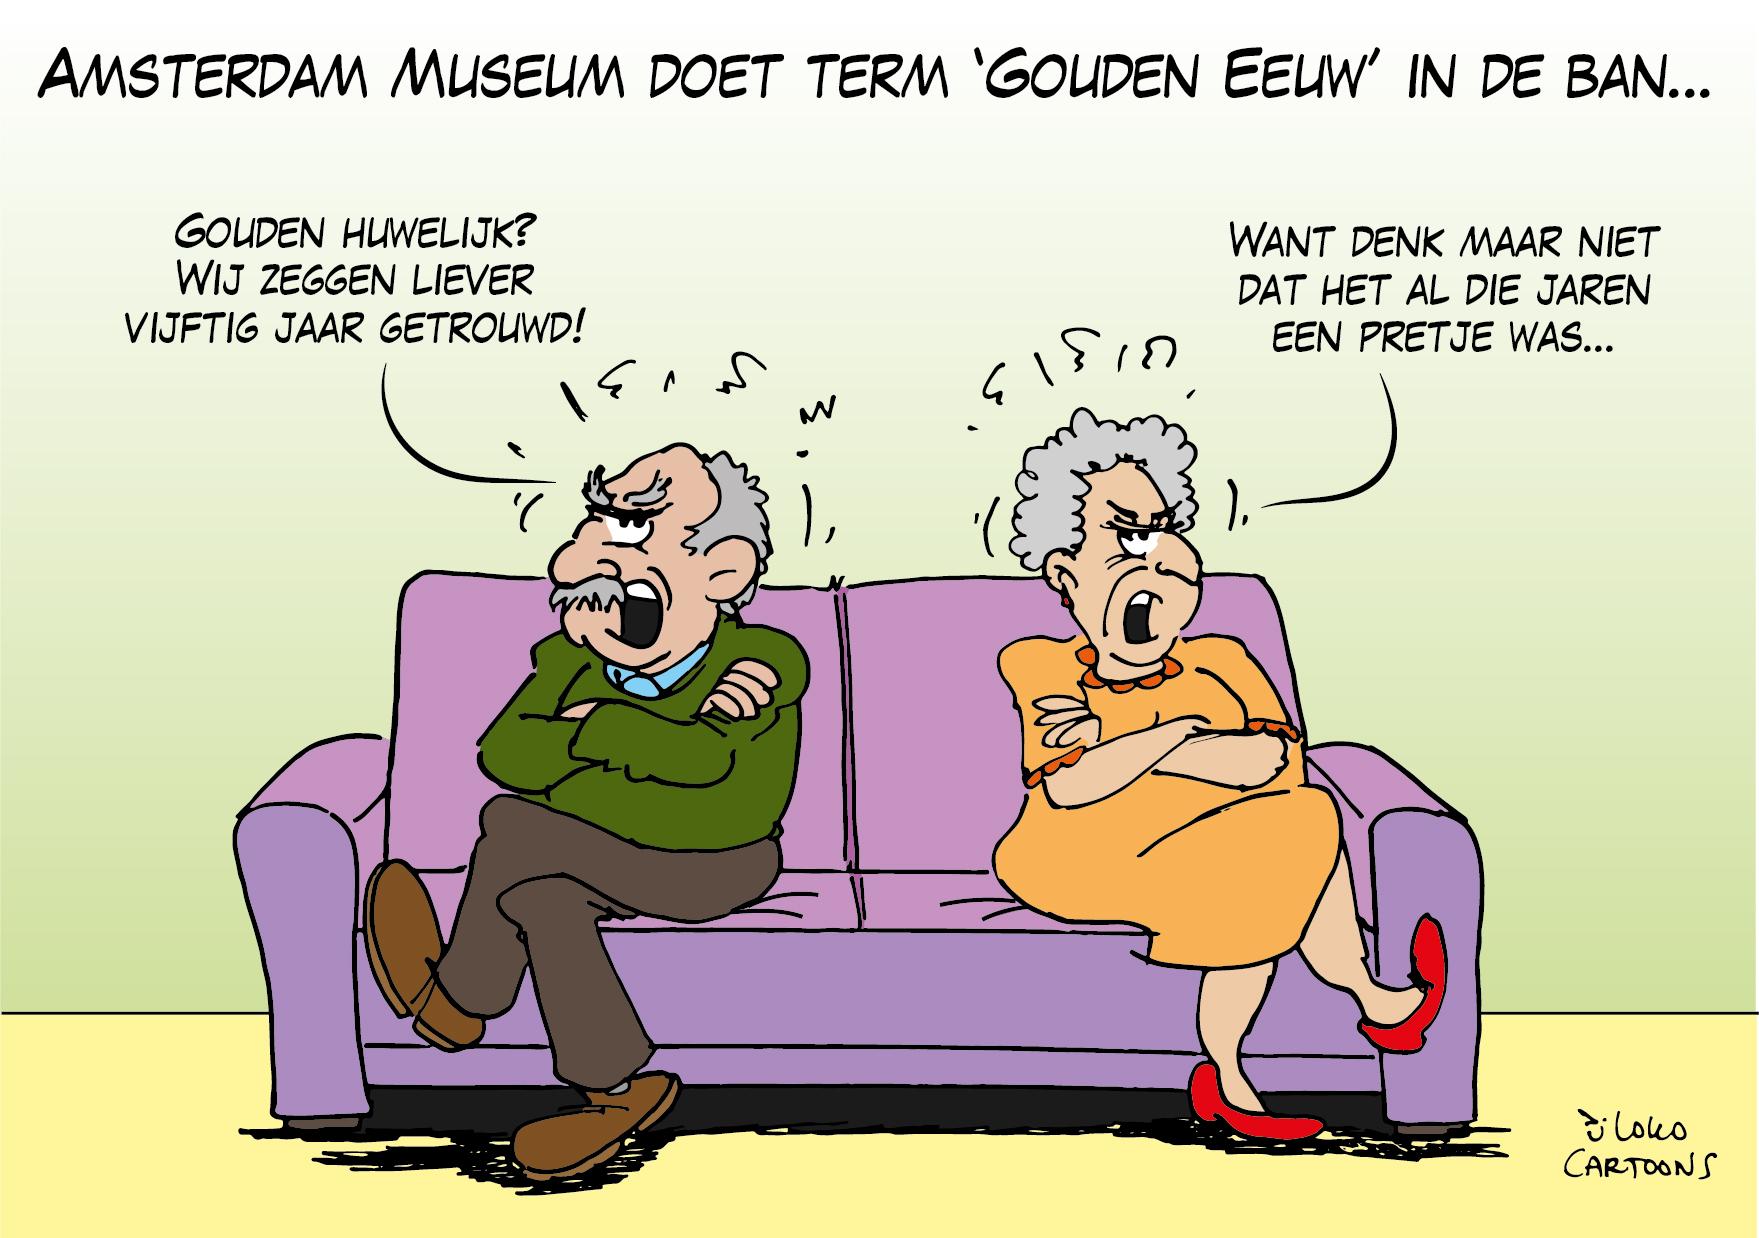 Amsterdam Museum doet term Gouden Eeuw in de ban…